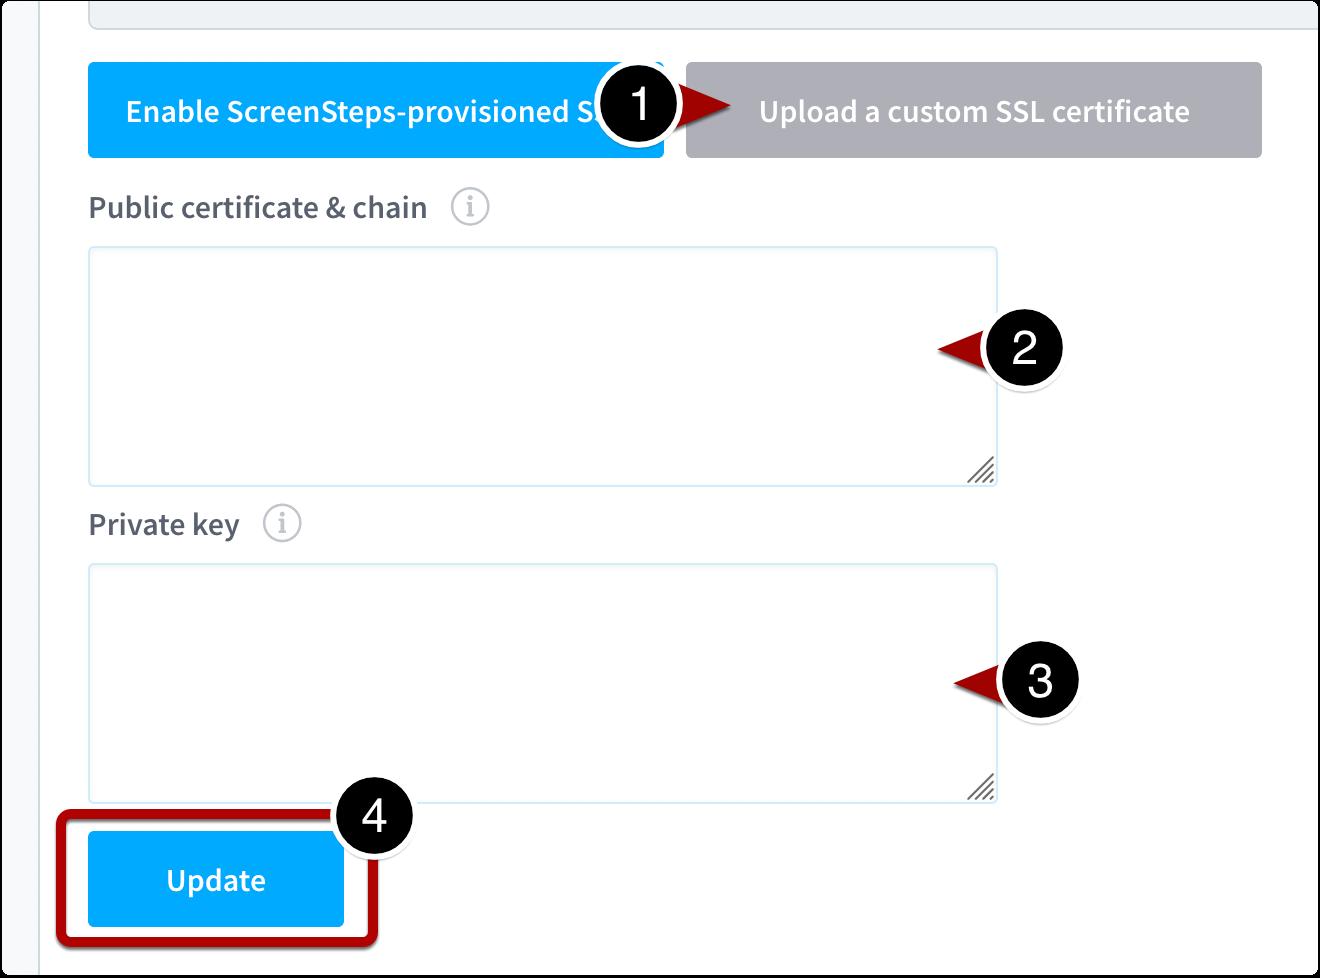 Upload and update SSL certificate